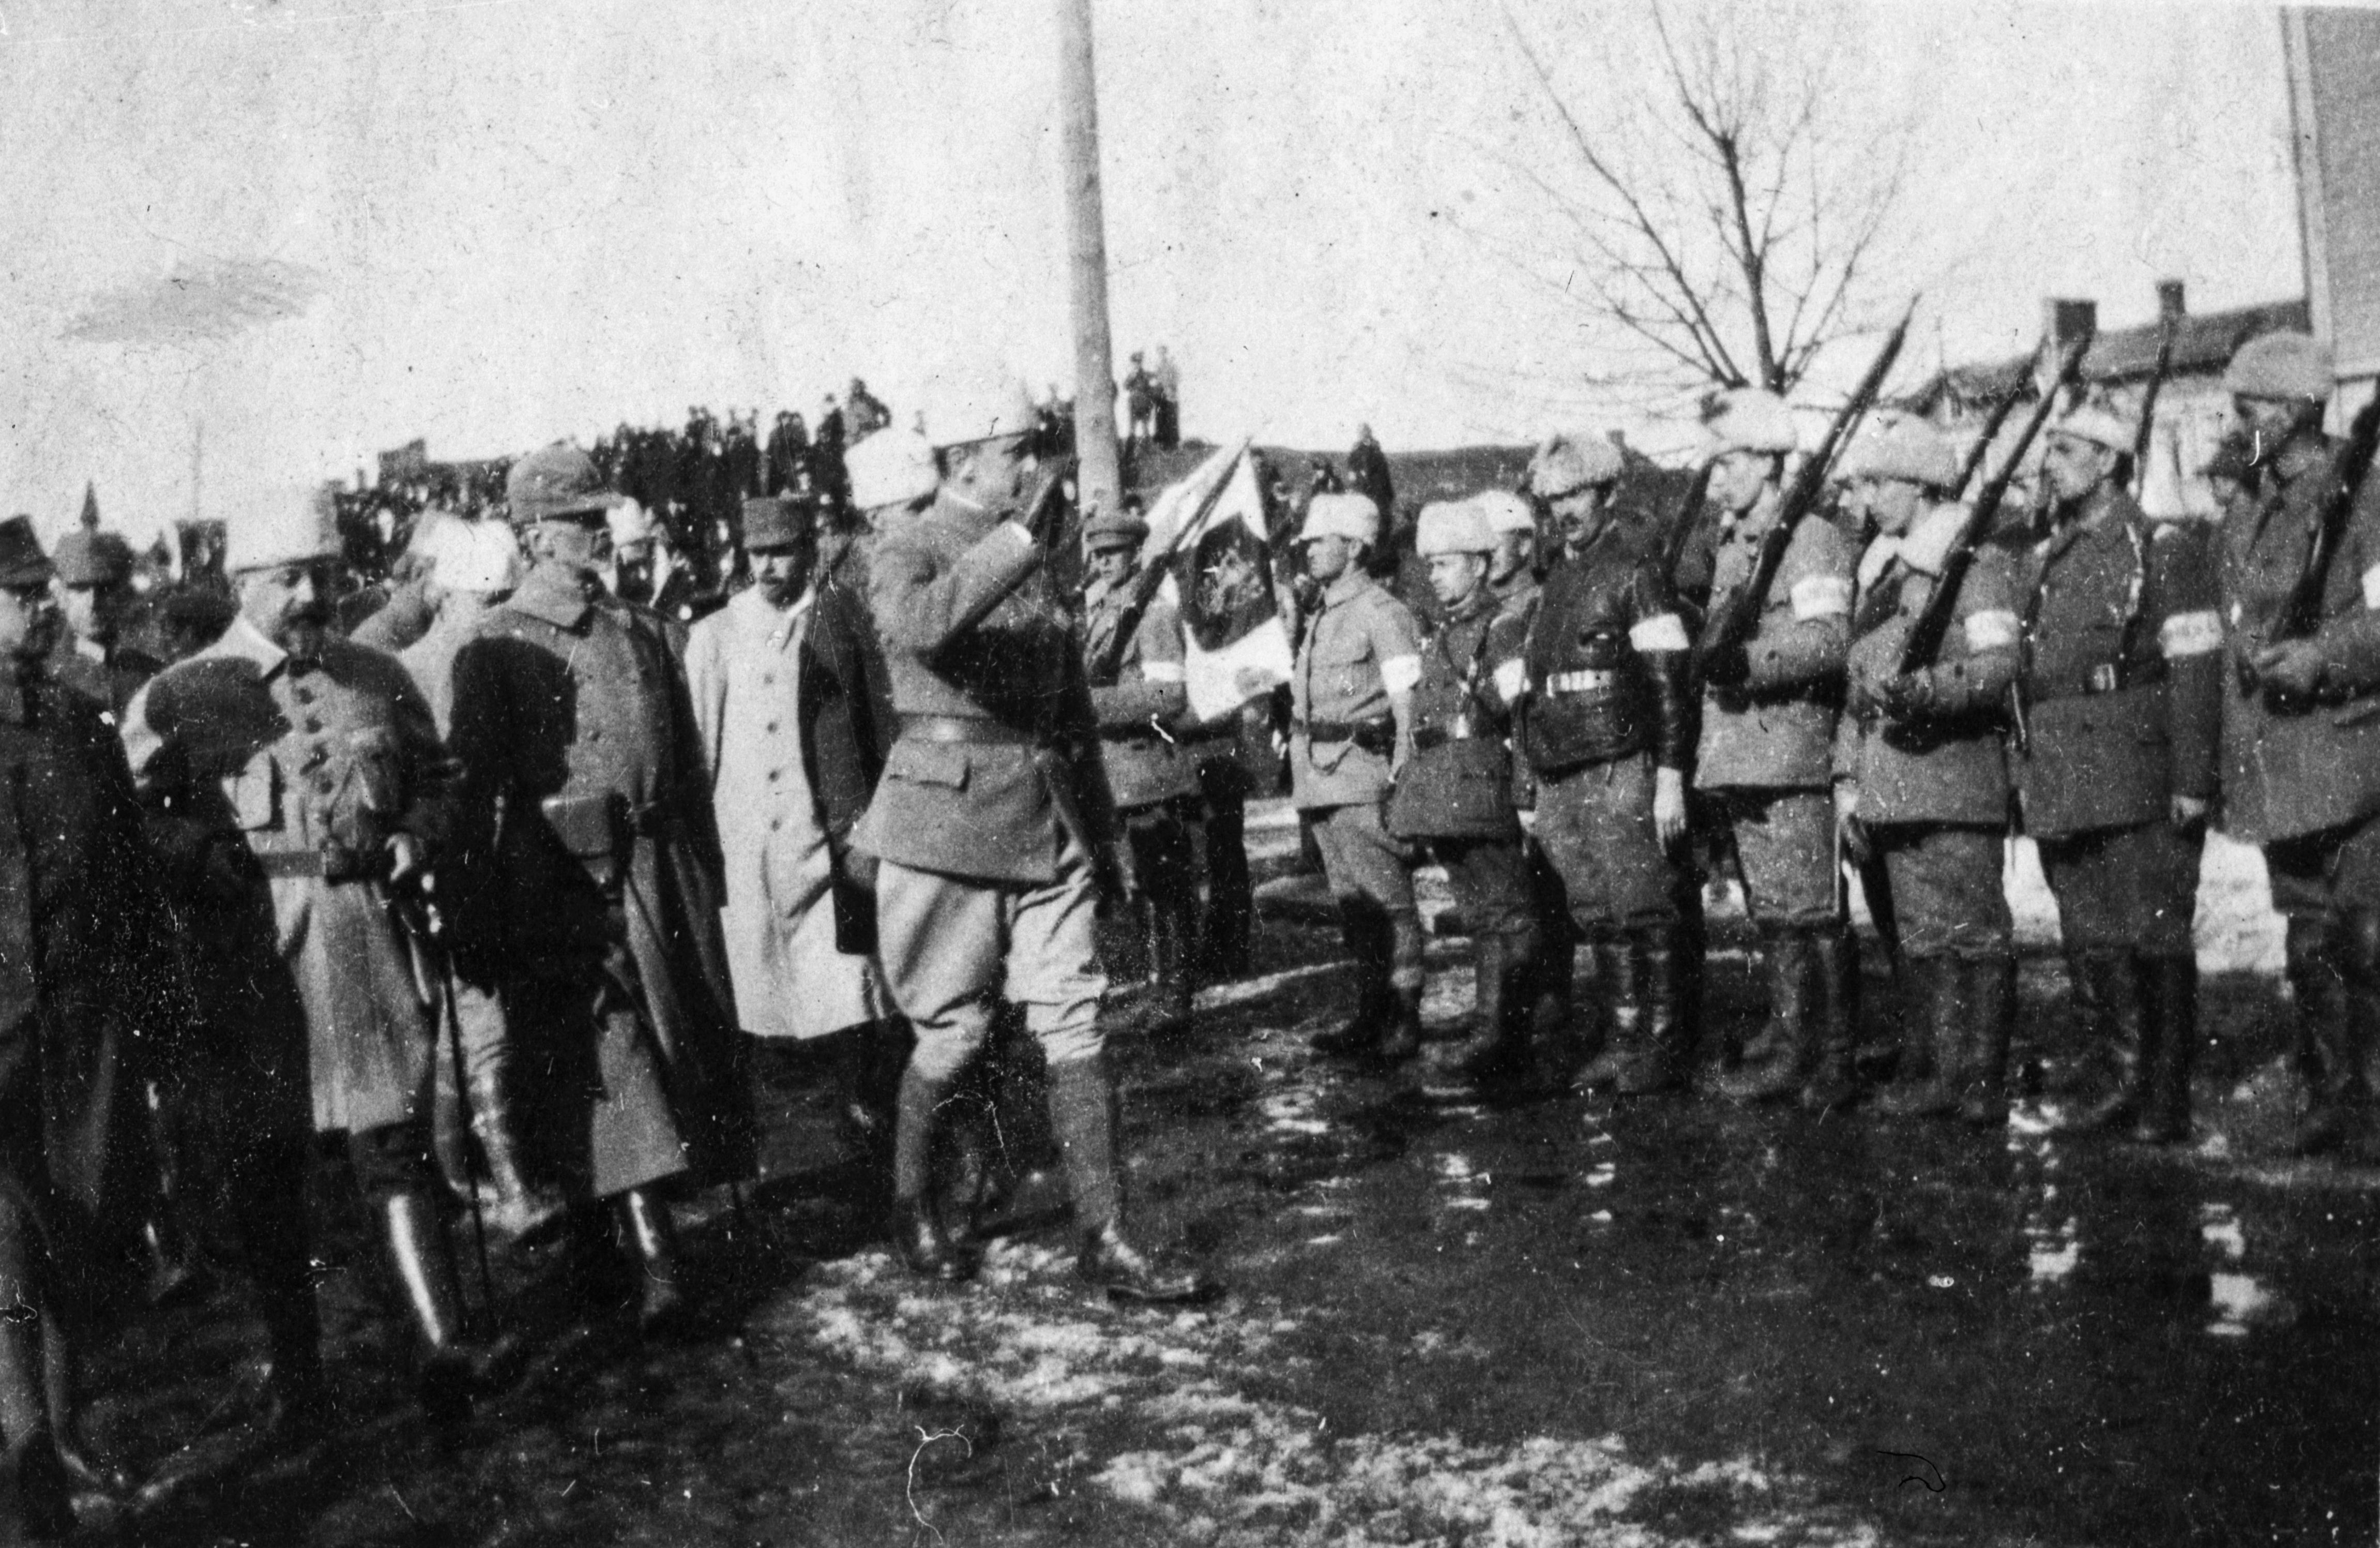 Kenraali Mannerheim tarkastaa joukkoja valkoisten voitonparaatissa Tampereella (26936599316).jpg